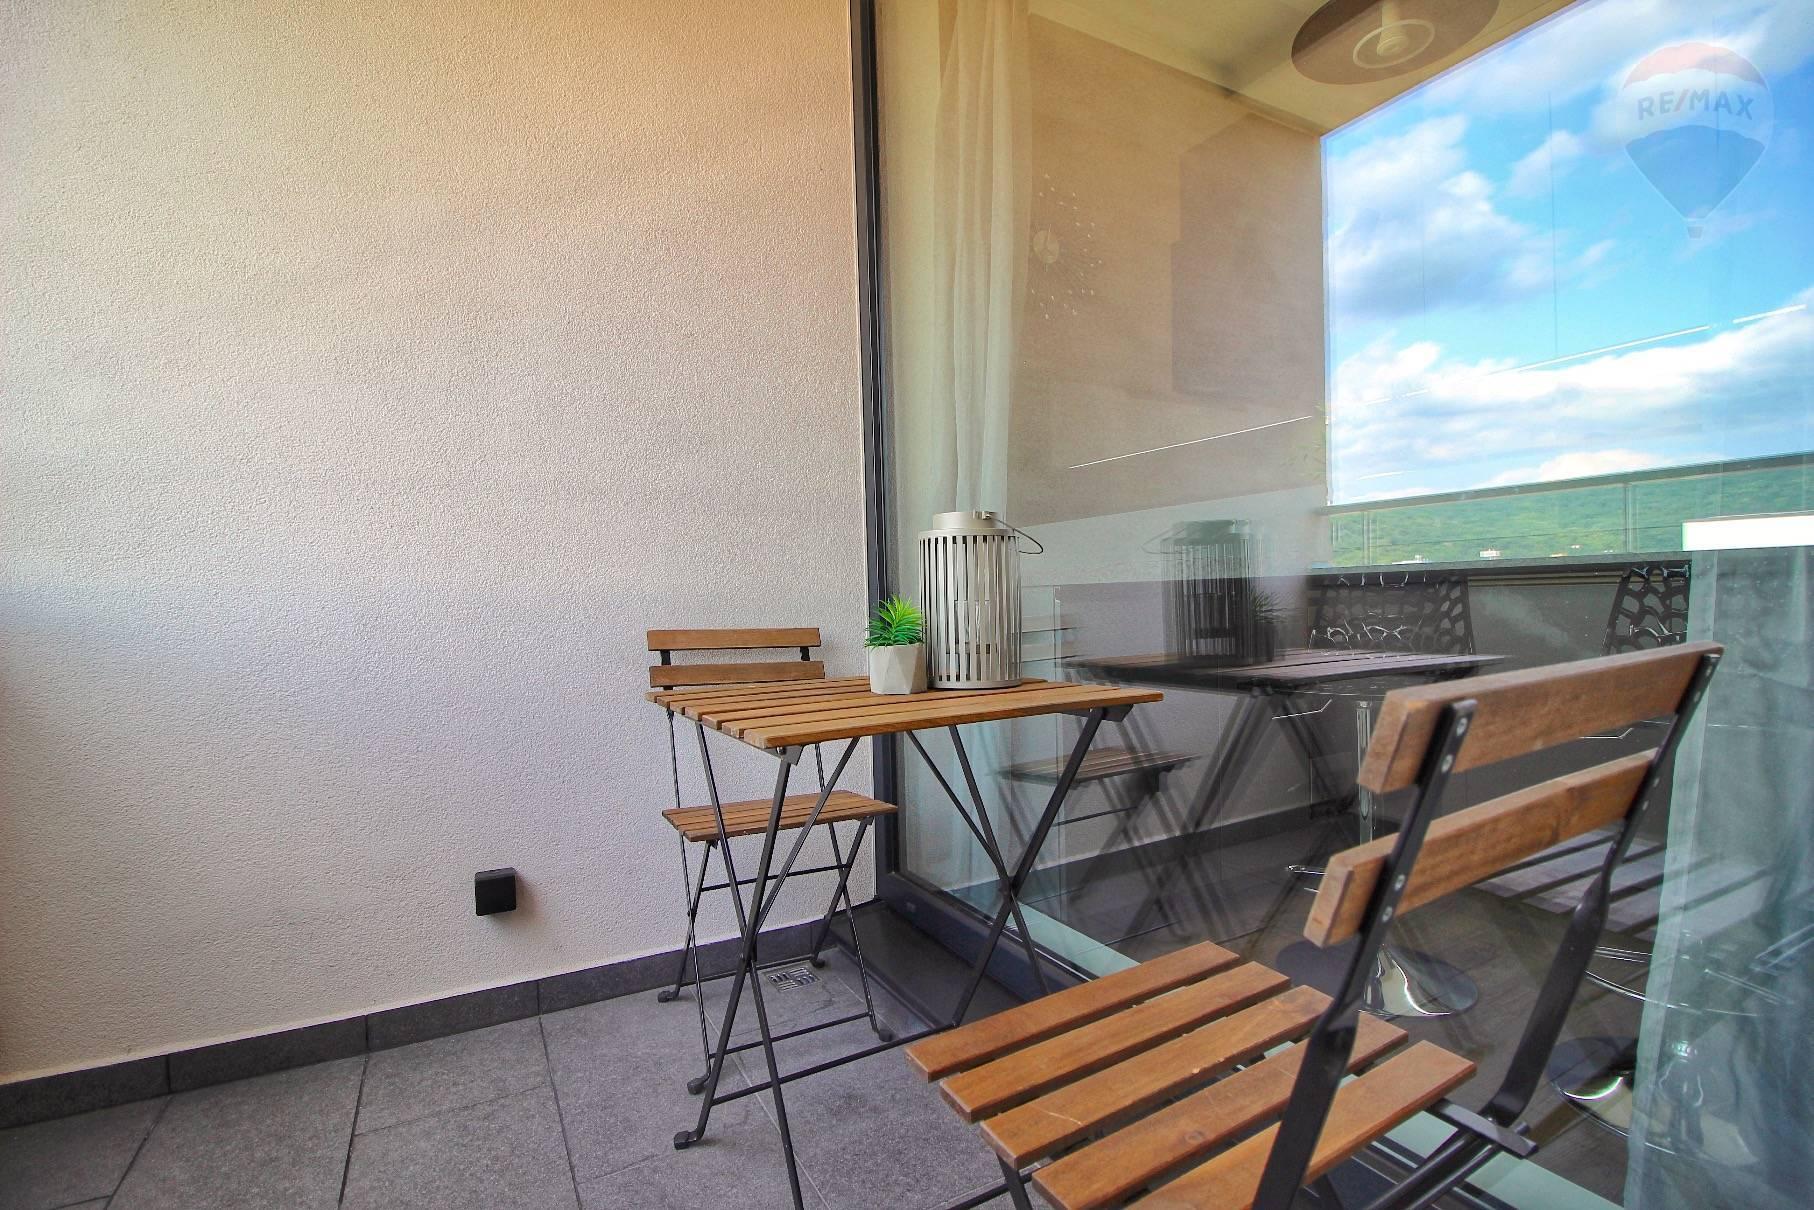 Prenájom bytu (2 izbový) 39 m2, Bratislava - Devínska Nová Ves - ŠTÝLOVÝ A MODERNÝ BYT V NOVOSTAVBE - EŠTE NEOBÝVANÝ - ZARIADENÝ - Bory Bývanie - Top ponuka - Loggia